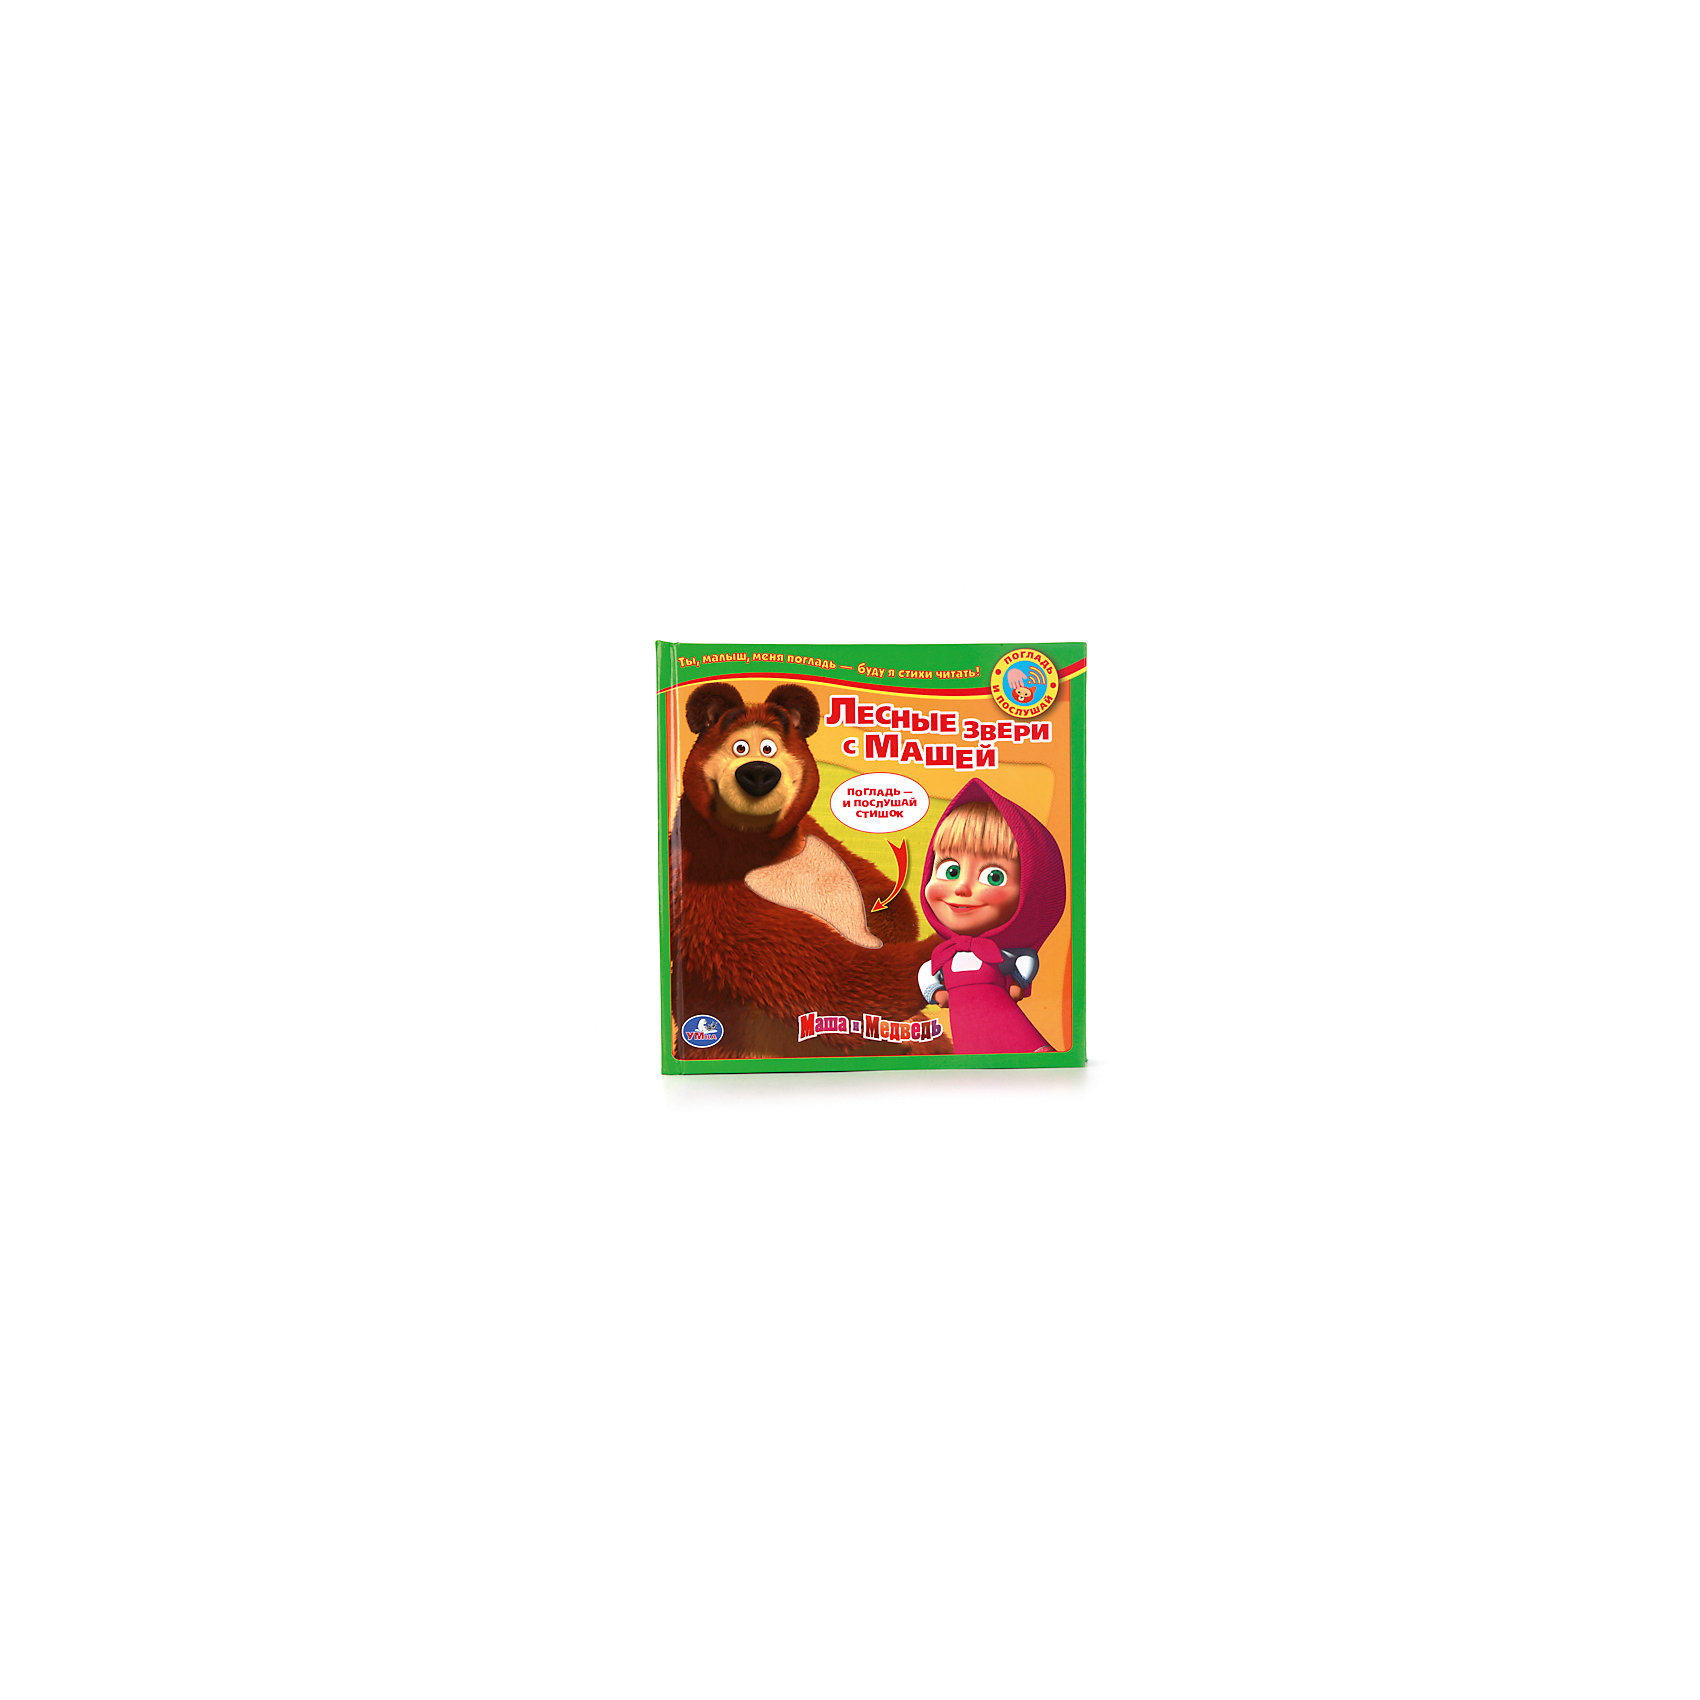 Маша и медведь. Лесные зверушки с Машей. Книга с тактильными звуковыми вставками.Музыкальные книги<br>Книжка для самых маленьких детей Лесные зверушки с Машей будет интересна любому ребенку.  Здесь и любимые зверушки, и мягкая шёрстка, и озвученные стихи, которые можно услышать, погладив Мише животик. 10 картонных страниц.<br><br>Ширина мм: 30<br>Глубина мм: 210<br>Высота мм: 210<br>Вес г: 450<br>Возраст от месяцев: 12<br>Возраст до месяцев: 60<br>Пол: Унисекс<br>Возраст: Детский<br>SKU: 5396510